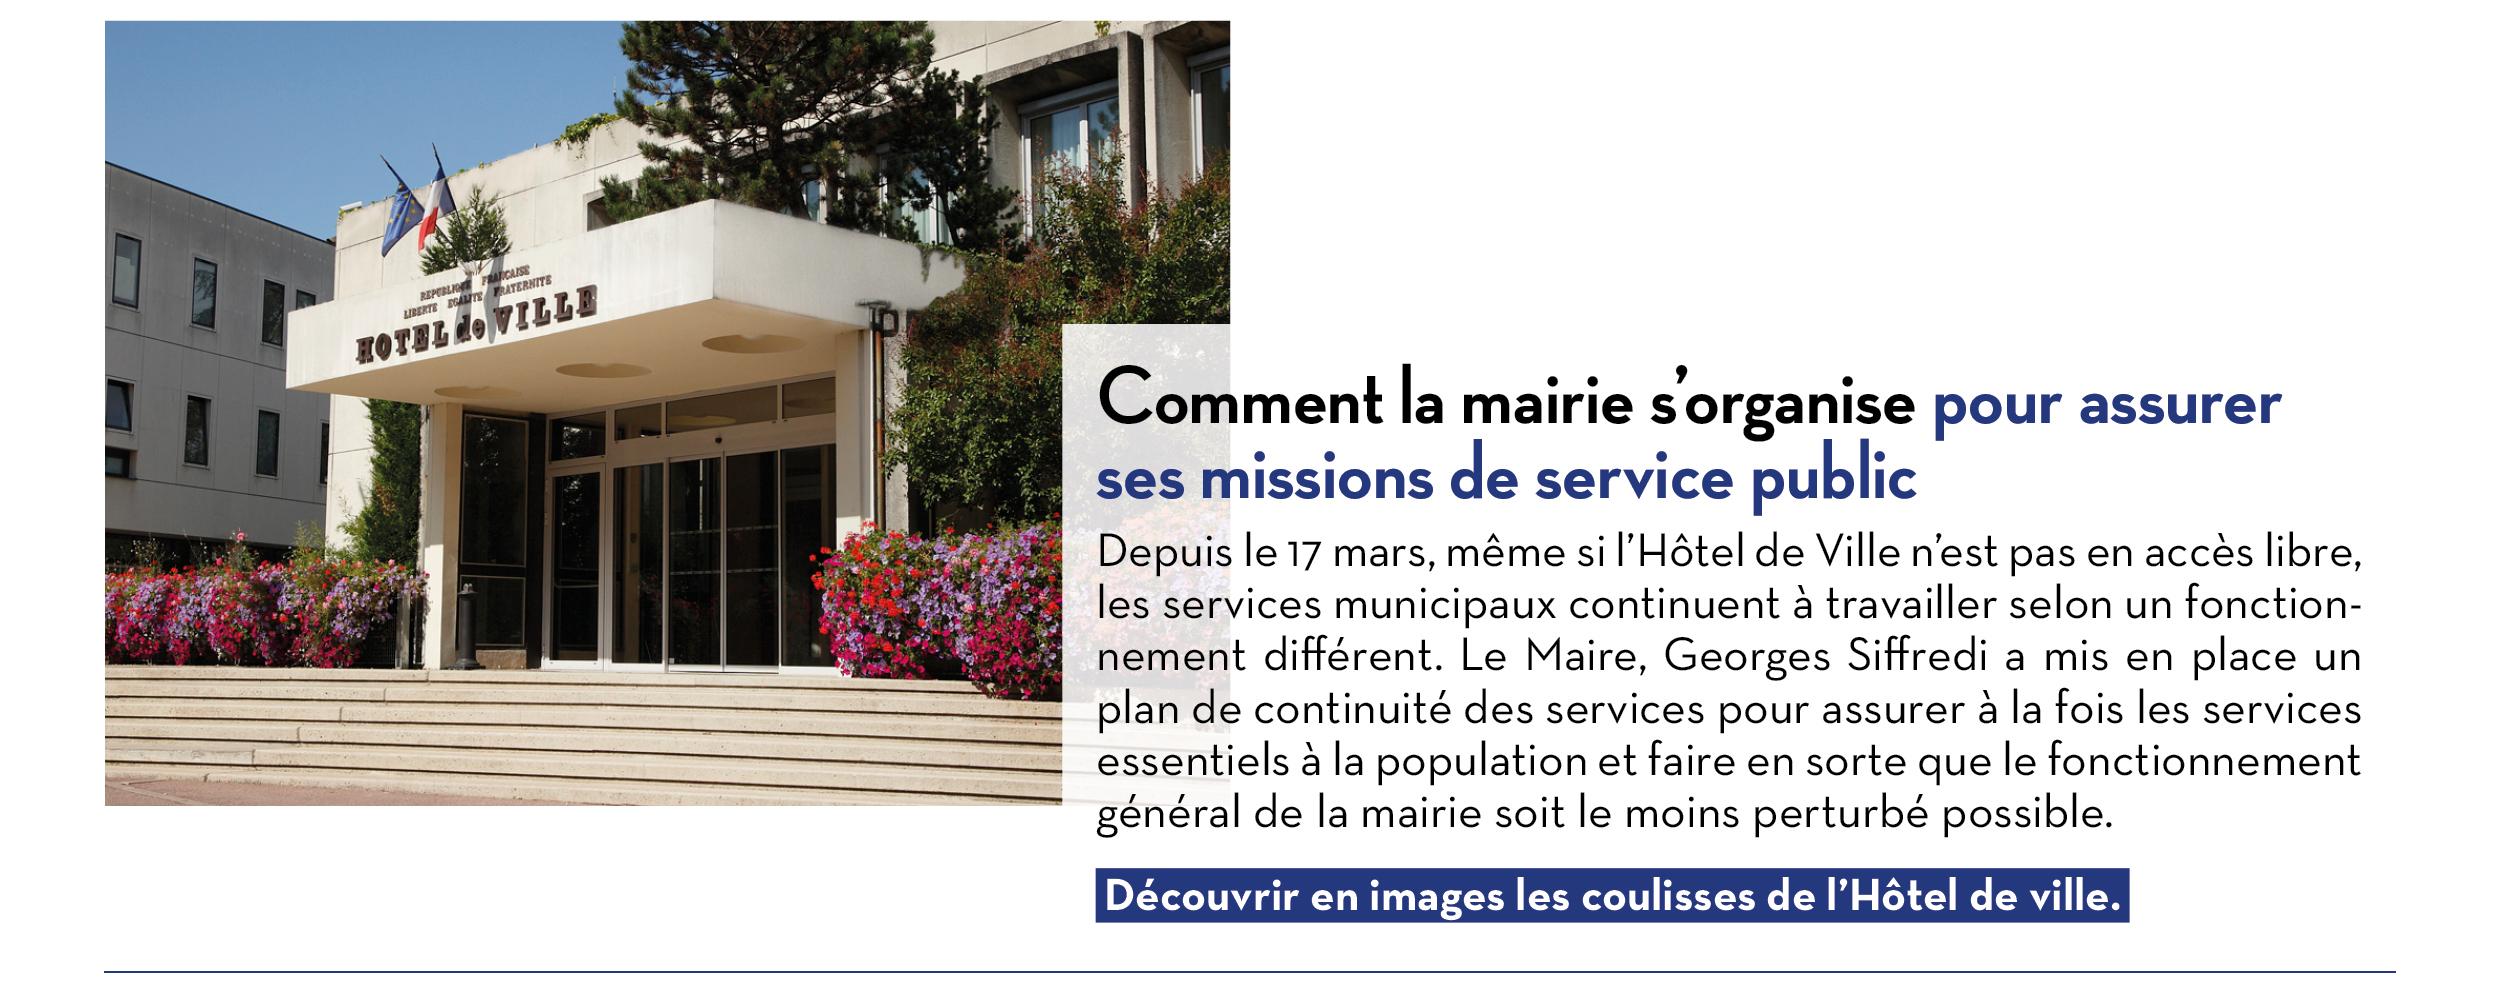 Comment la mairie s'organise pour assurer ses missions de service public